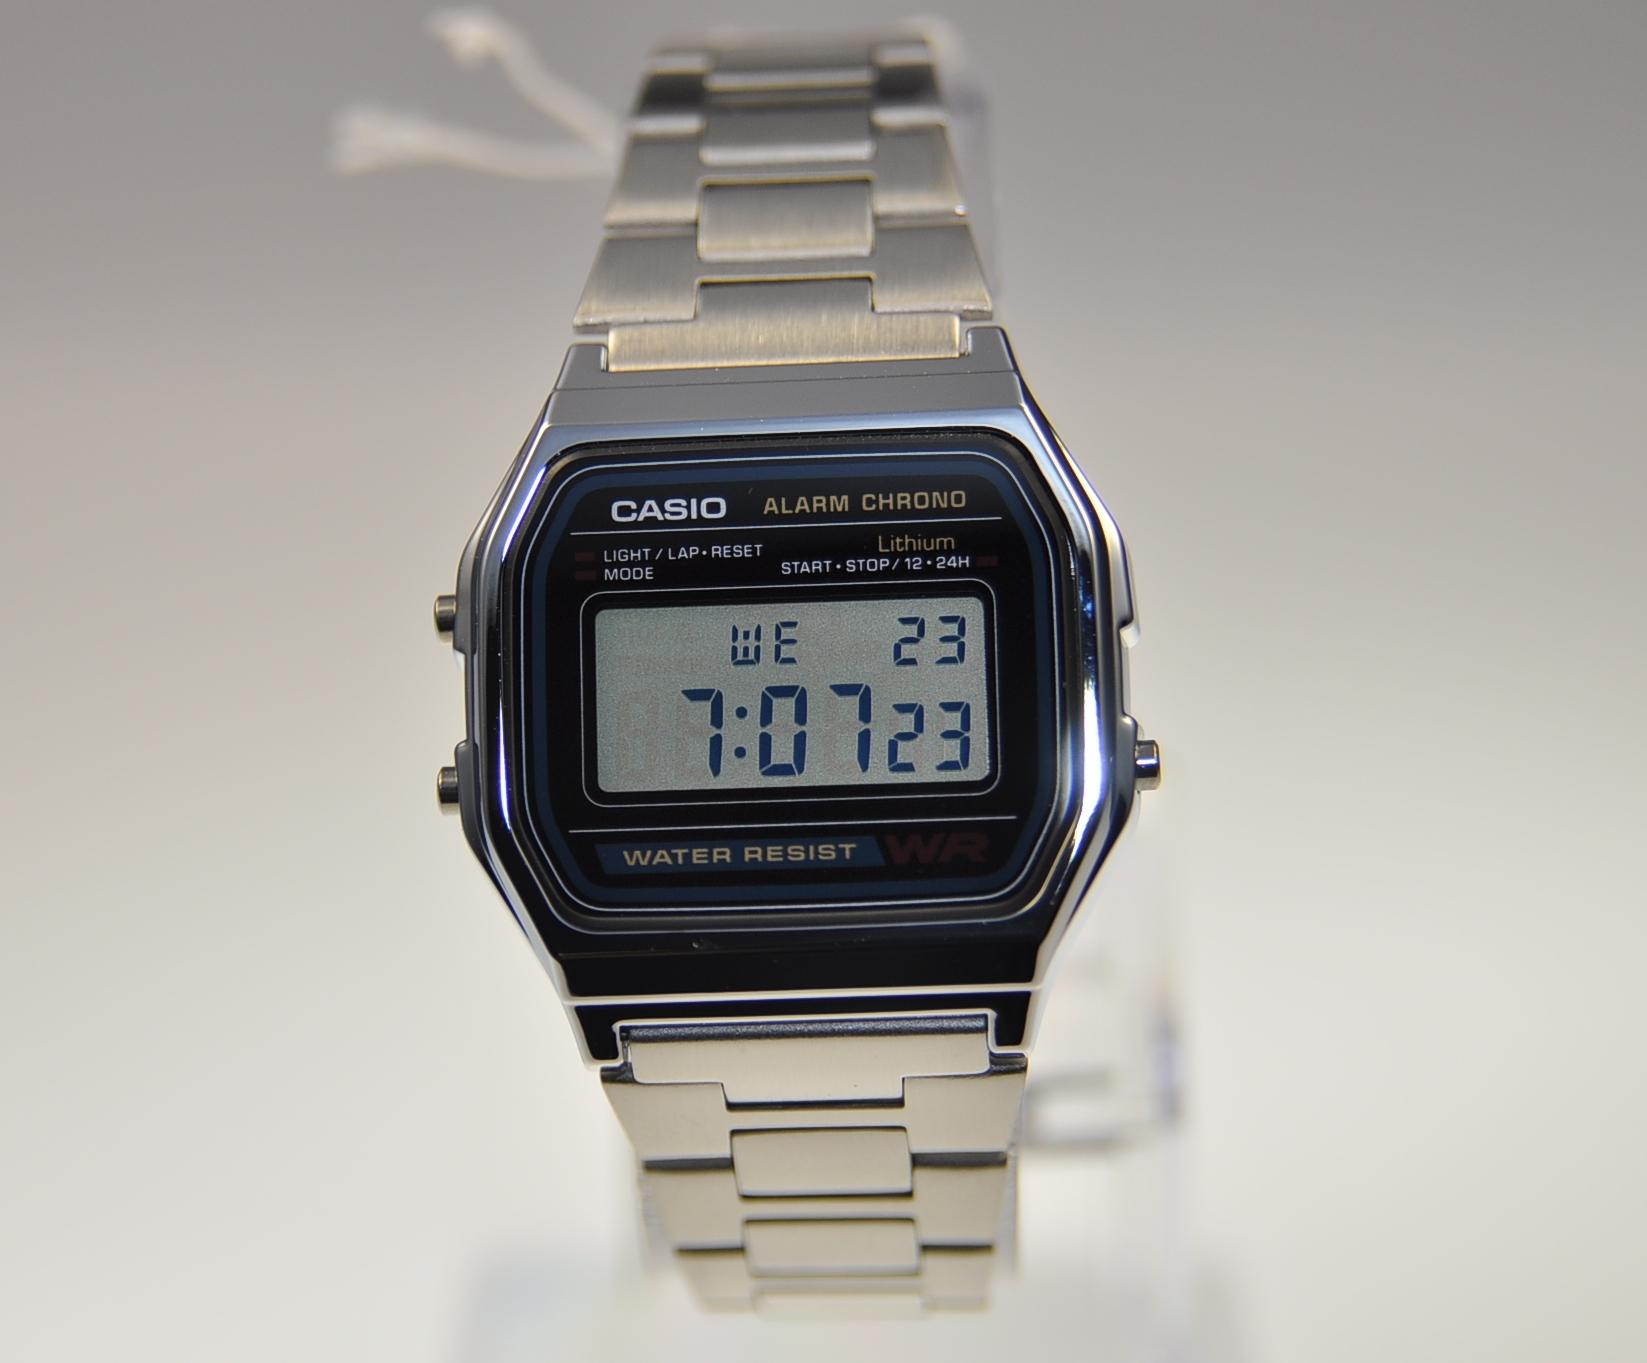 Alte Casio Uhr